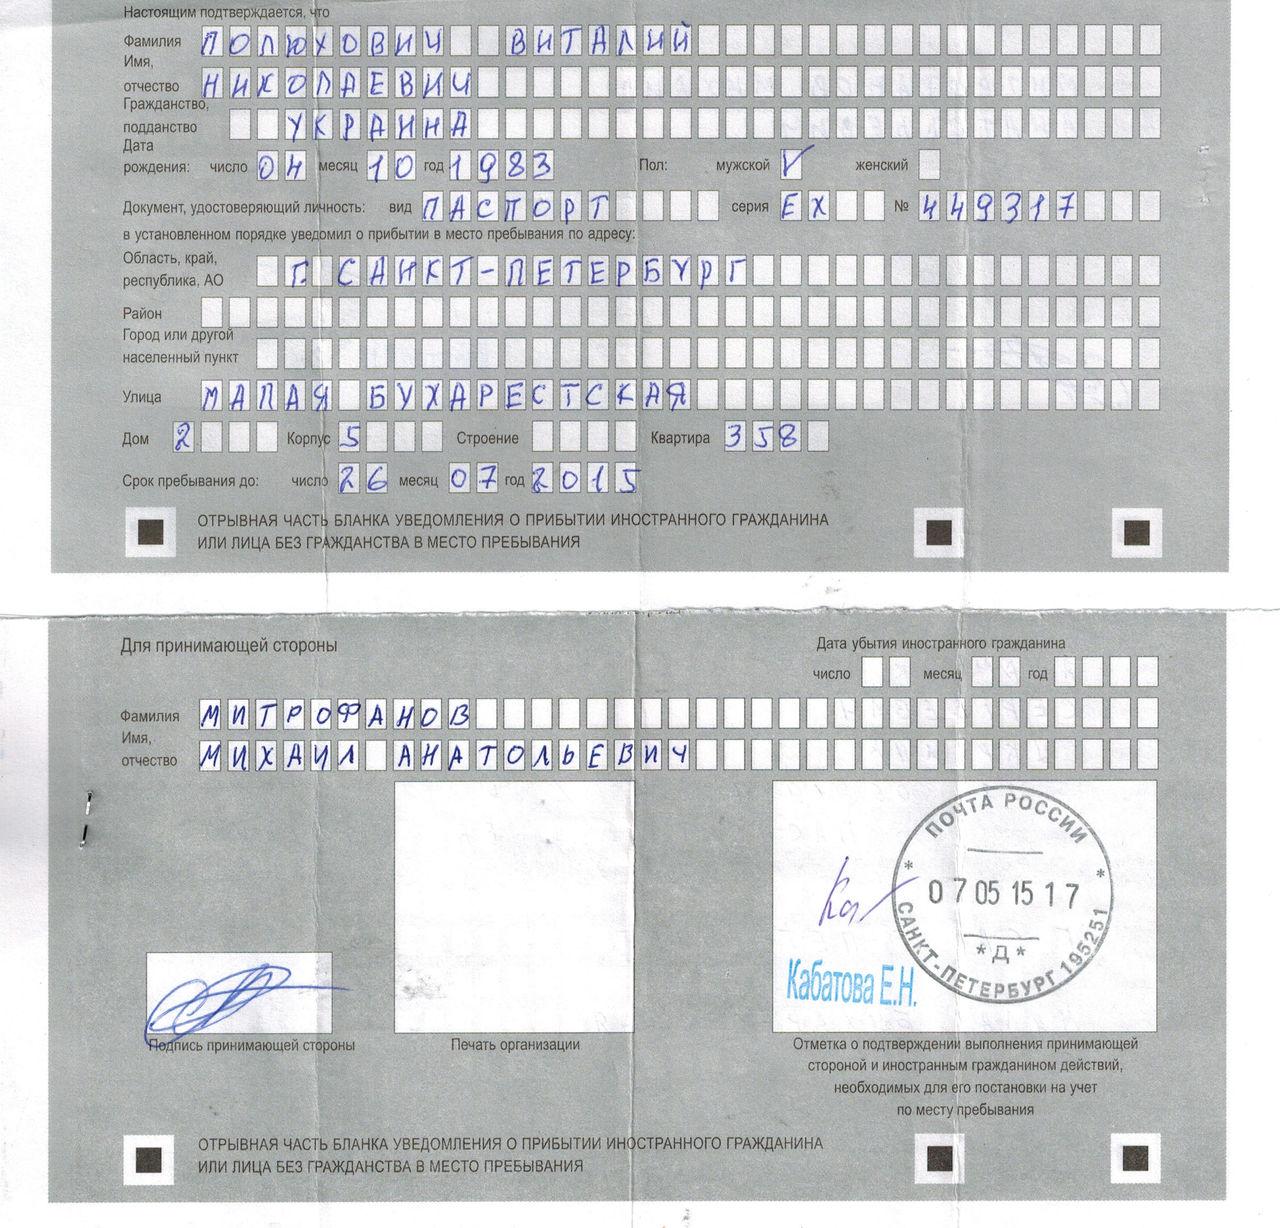 Как сделать регистрацию по месту пребывания иностранных граждан